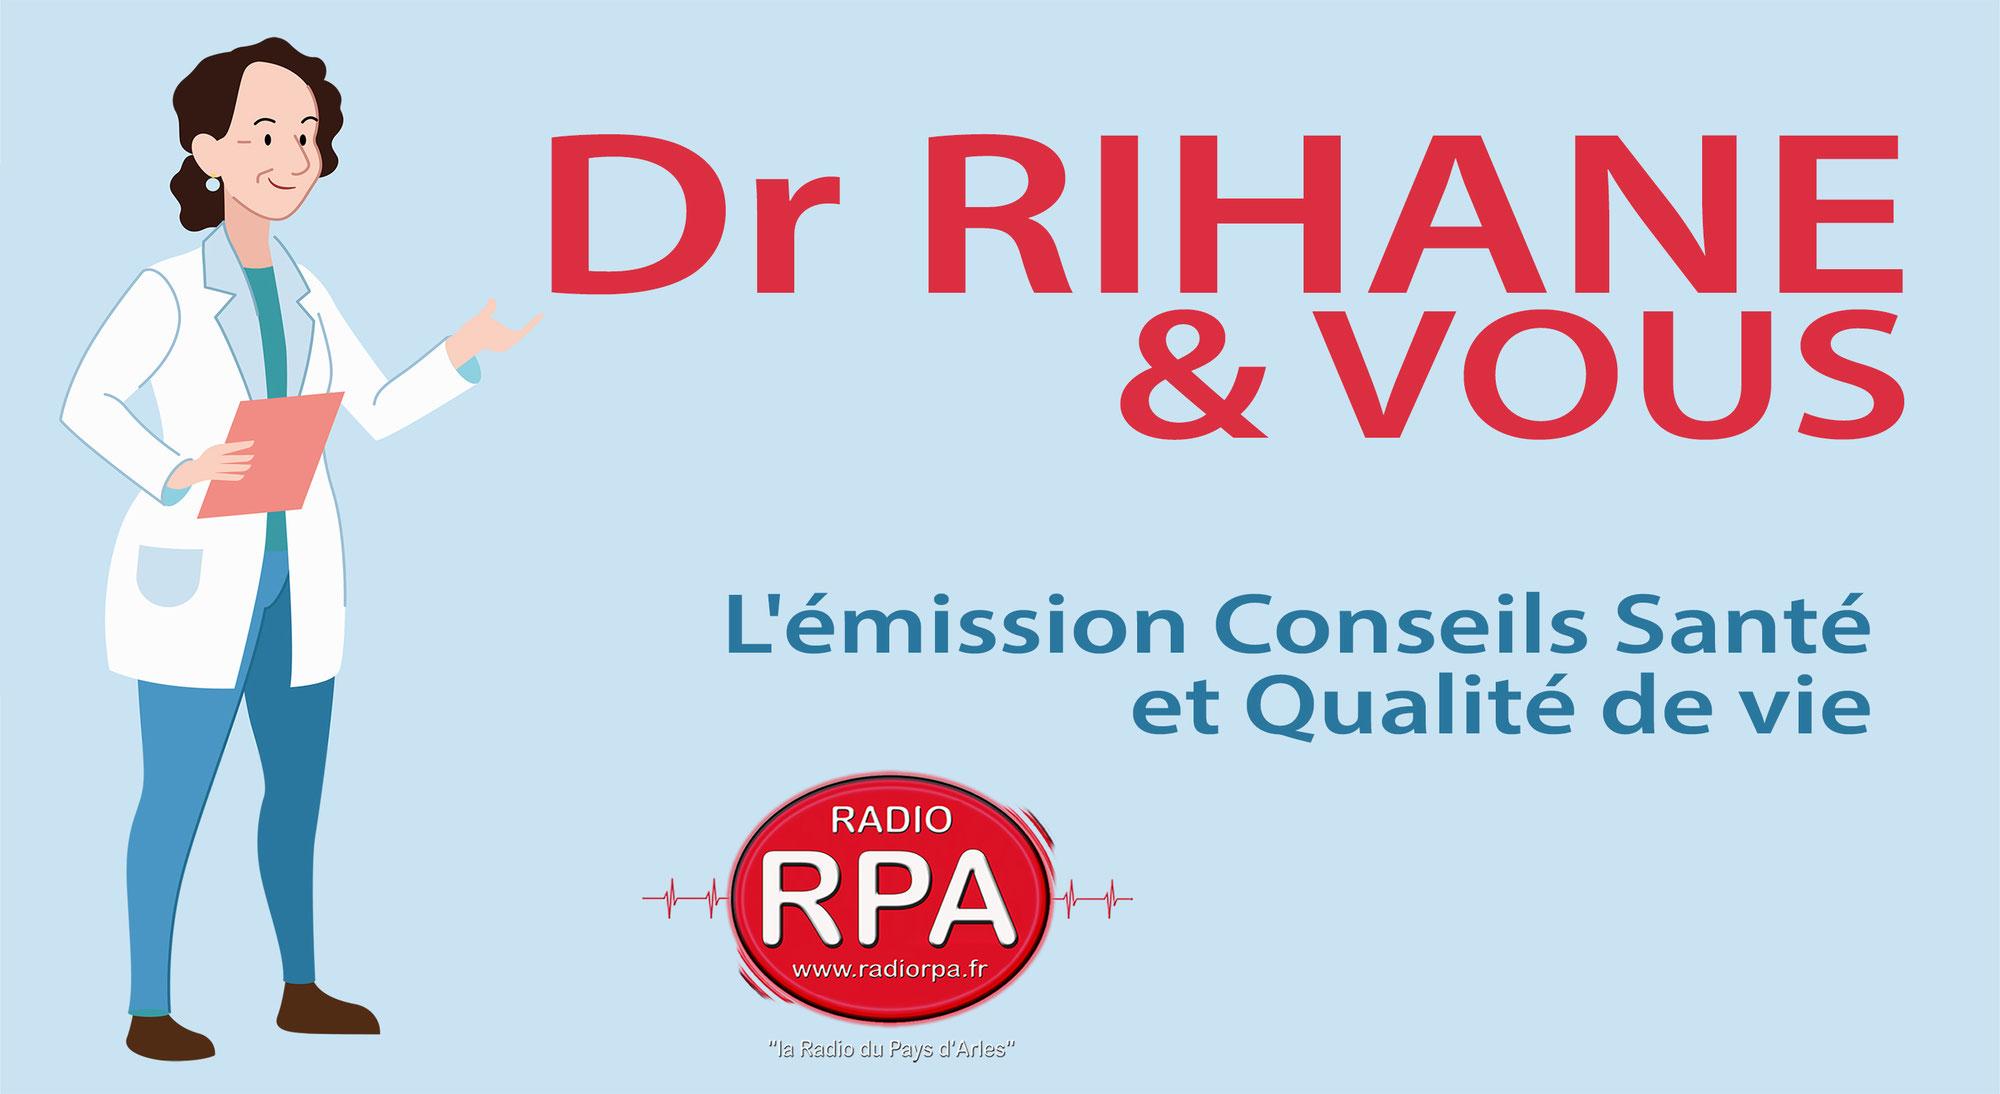 Posez votre question au Dr Rihane sur Radio RPA